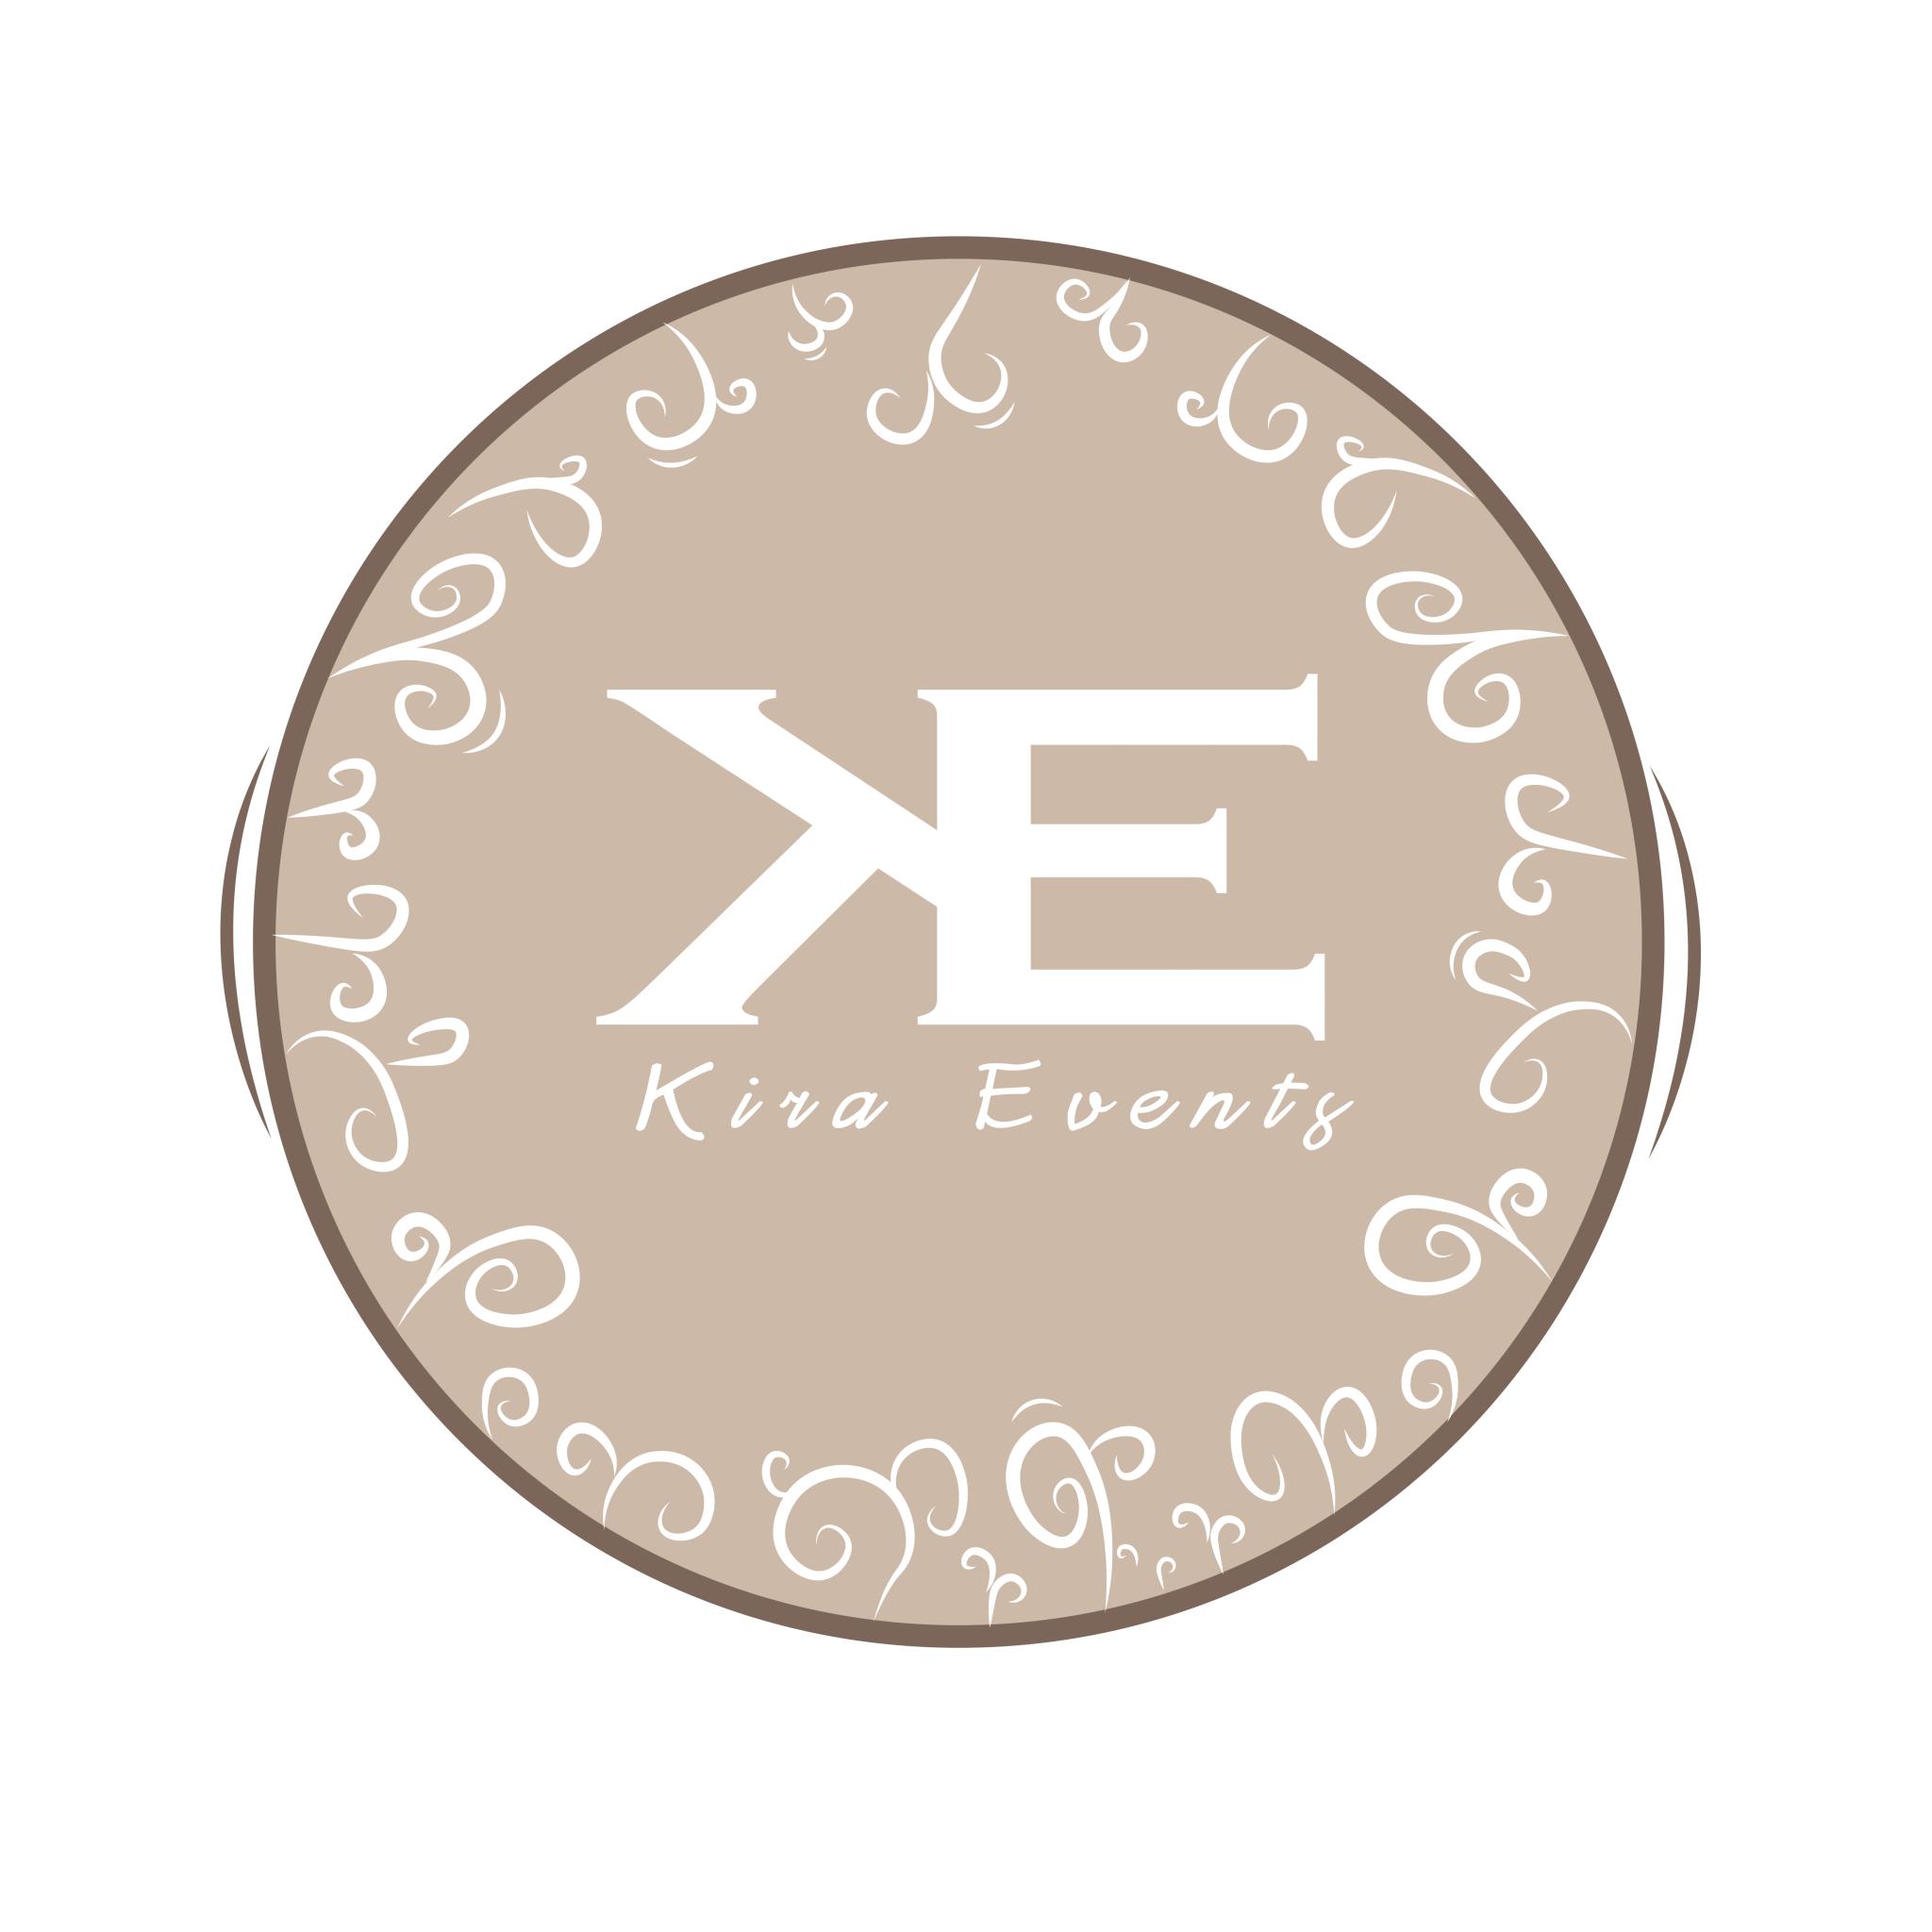 Kira Events